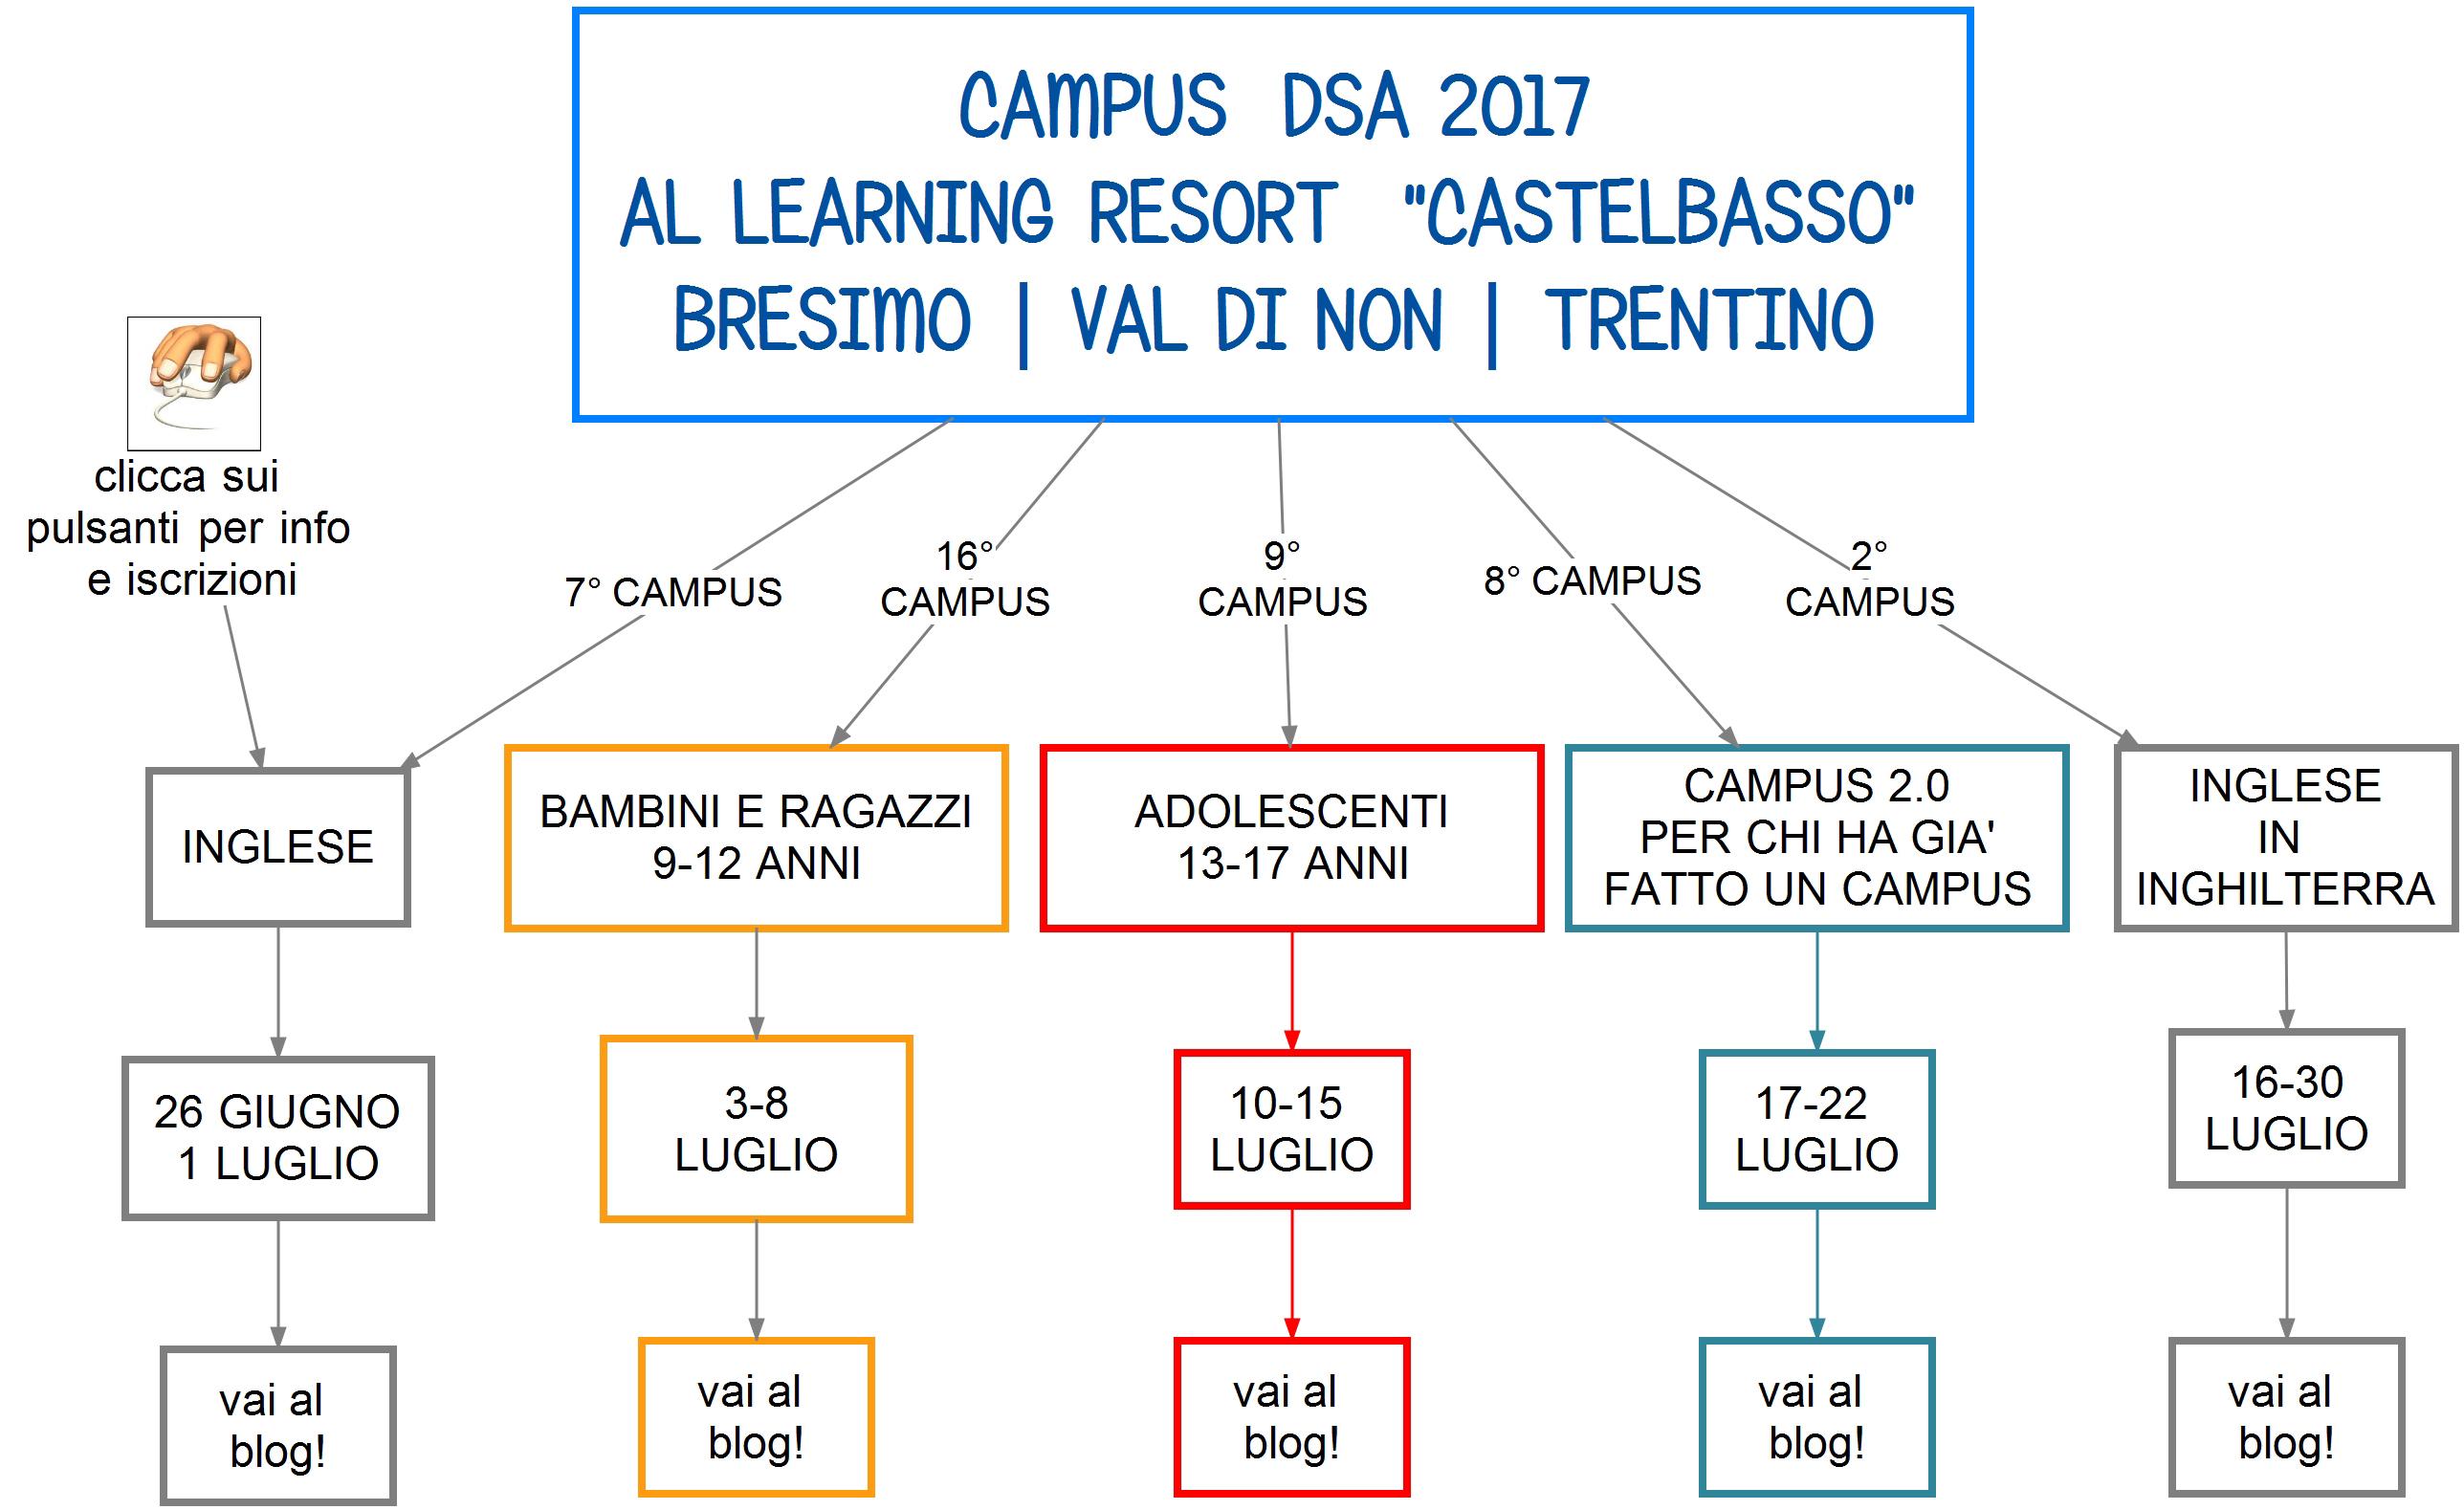 mappa campus dislessia 2017